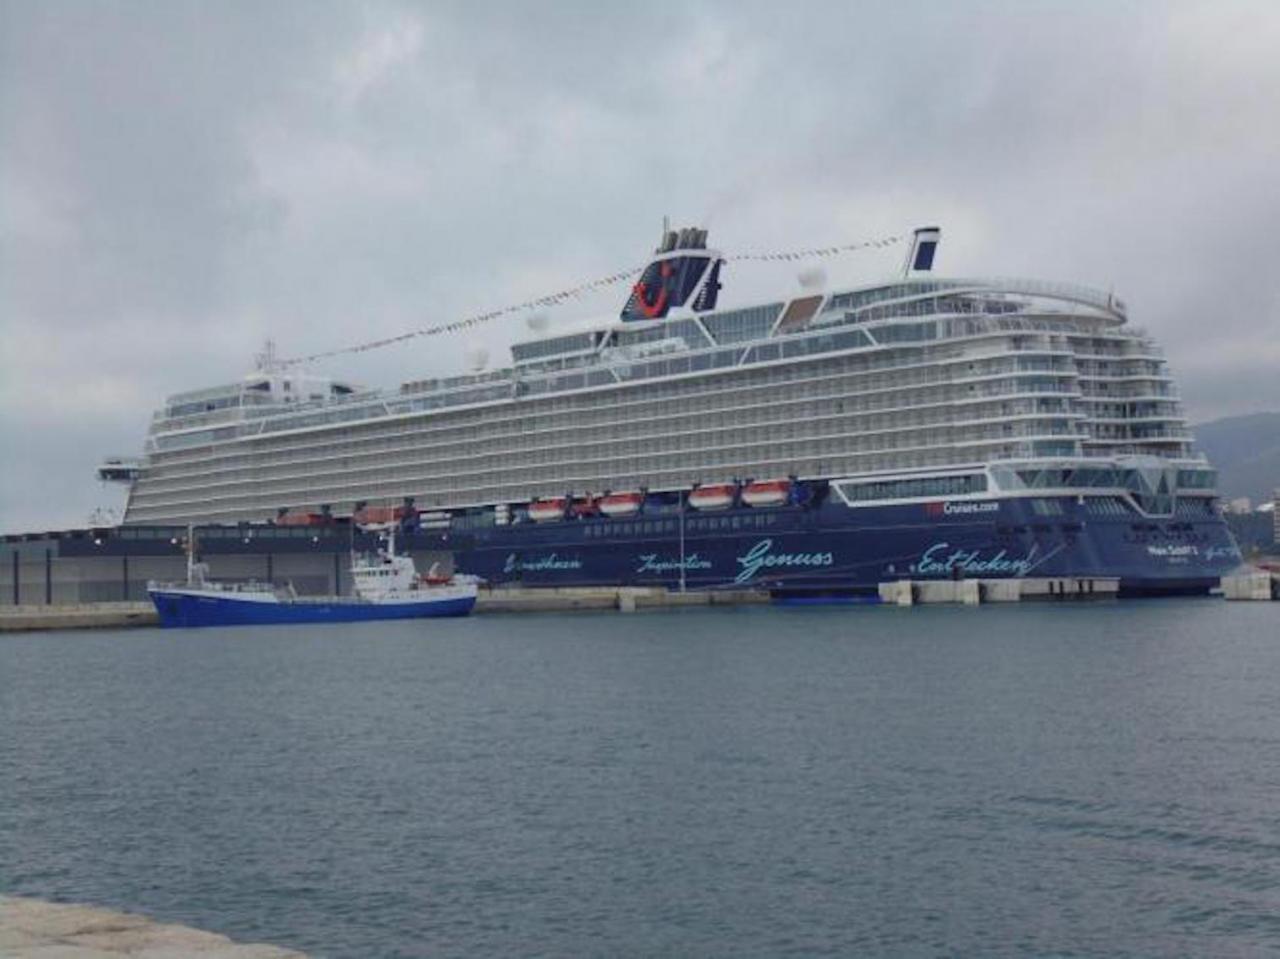 'Mein Schiff 2'.